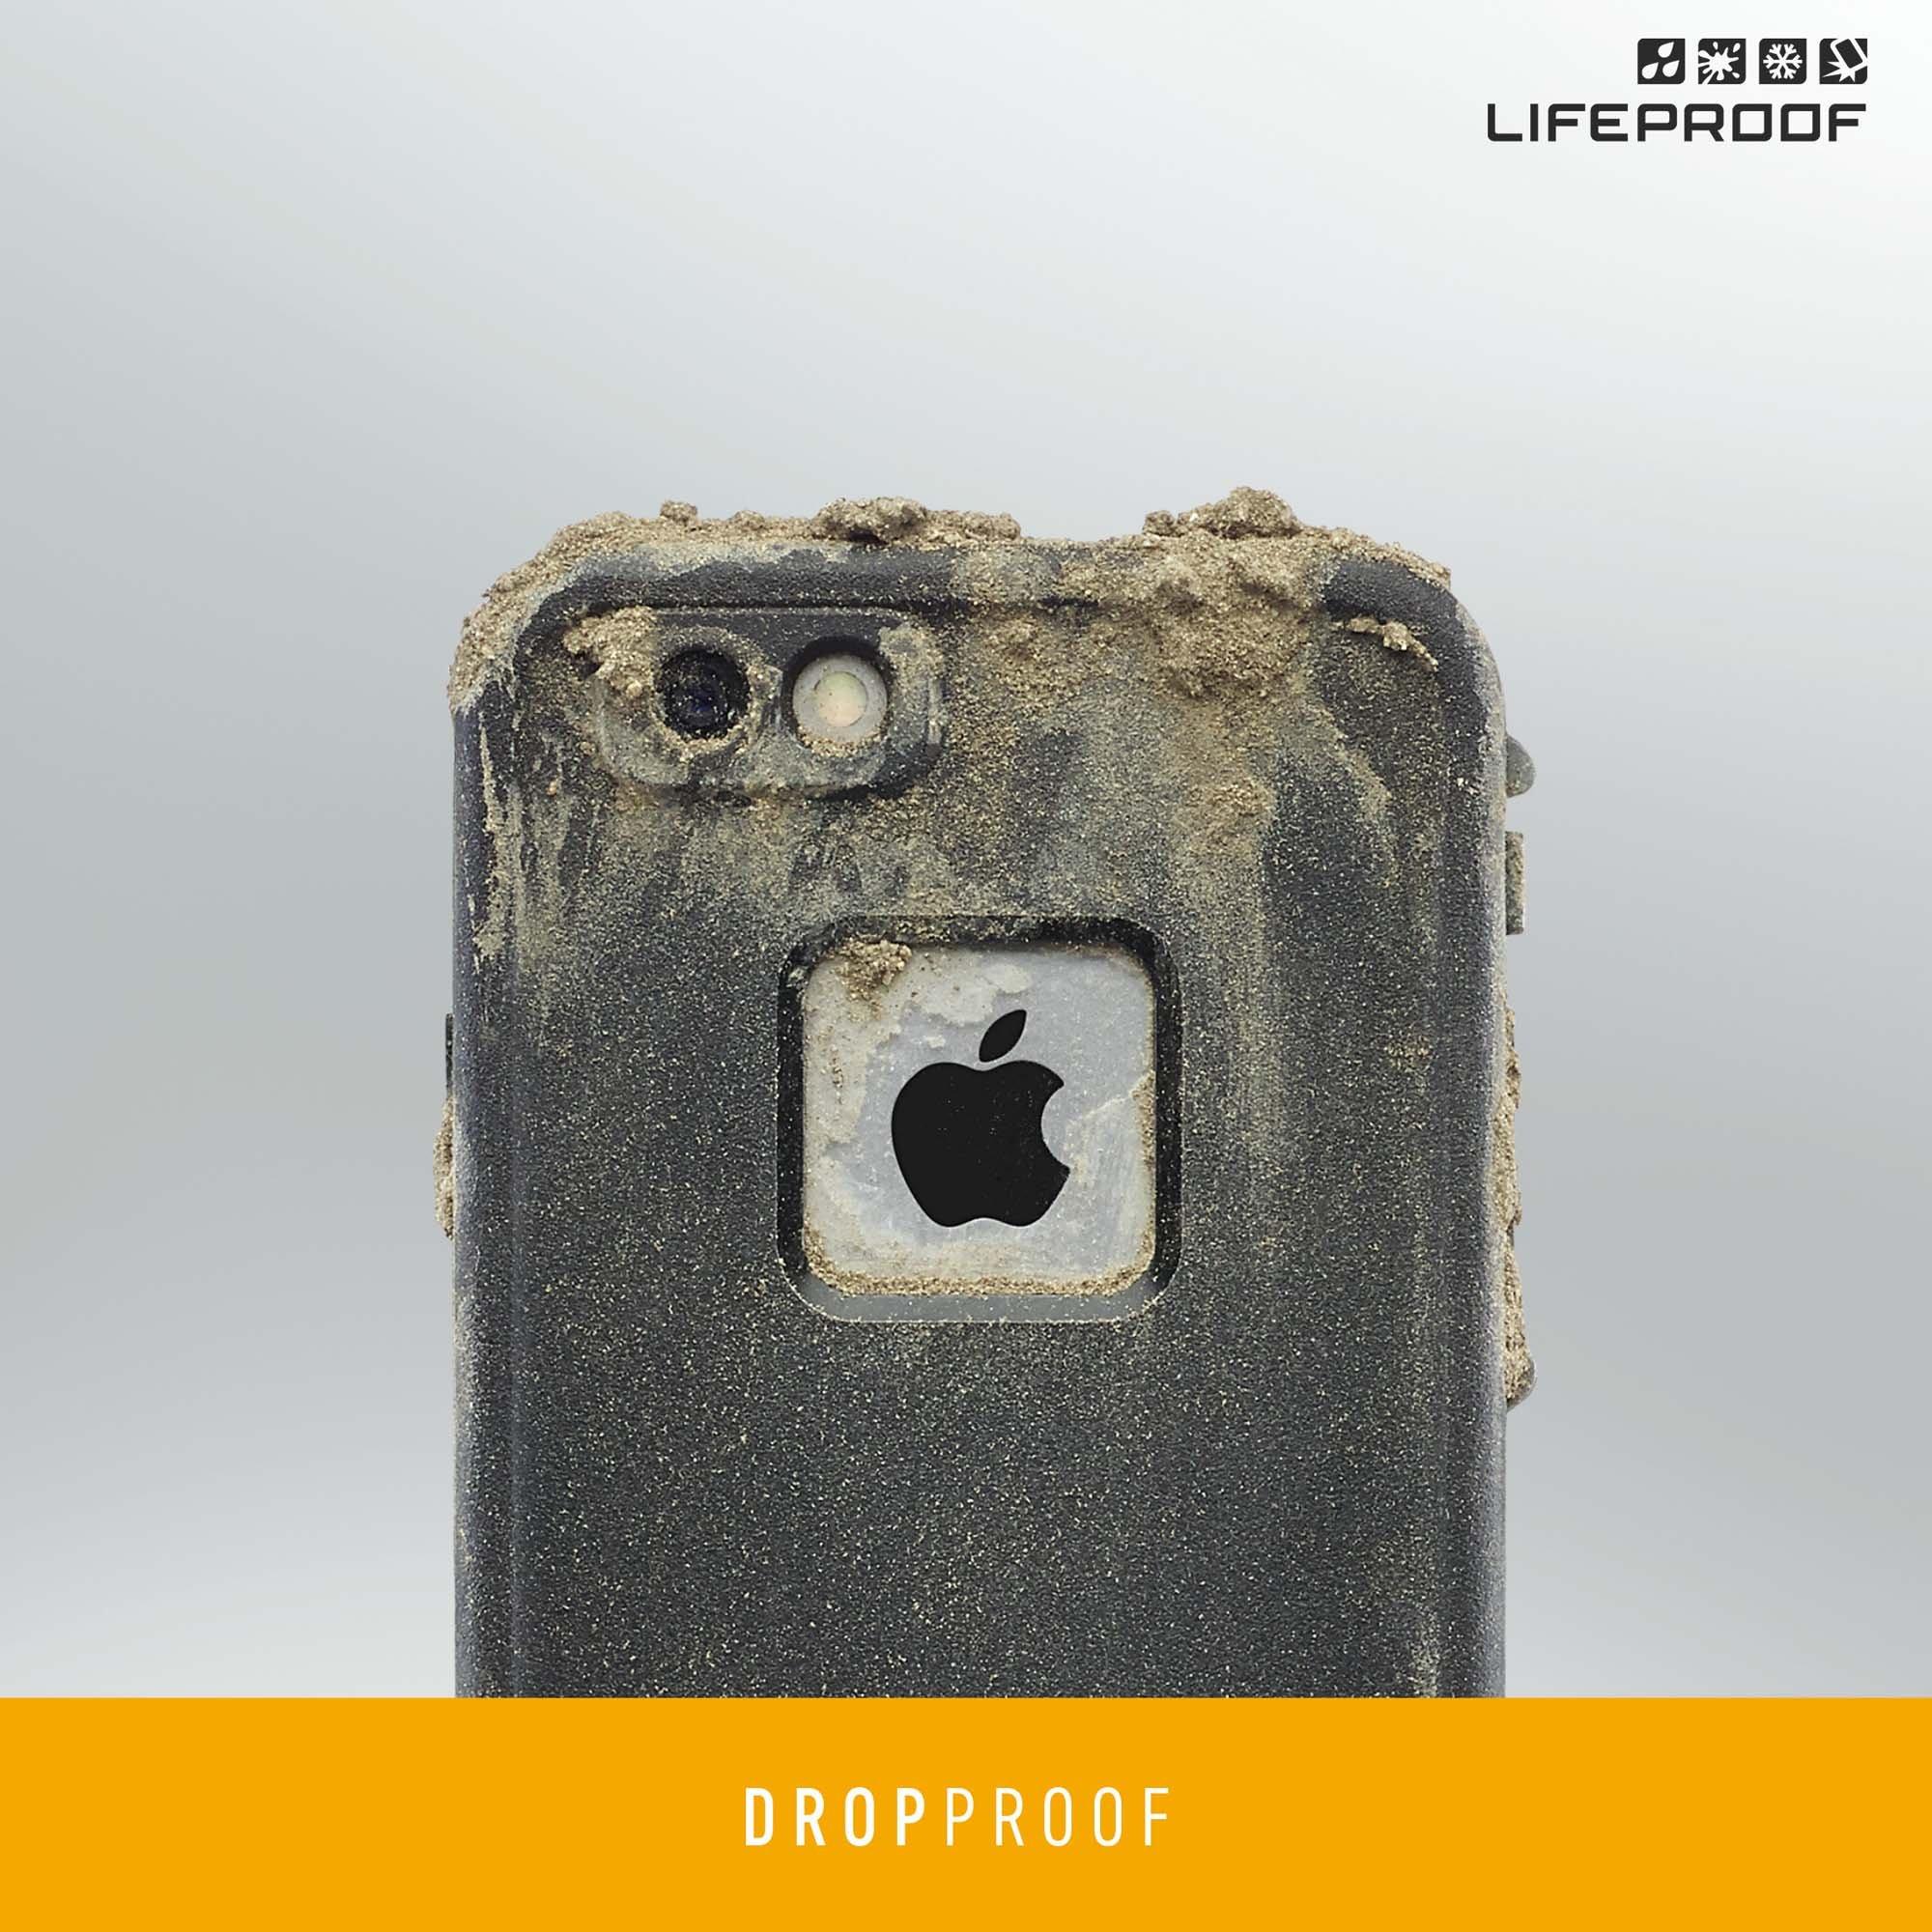 Lifeproof FRĒ SERIES iPhone 6/6s Waterproof Case (4.7'' Version) - Retail Packaging - BANZAI (COWABUNGA/WAVE CRASH/LONGBOARD) by LifeProof (Image #13)